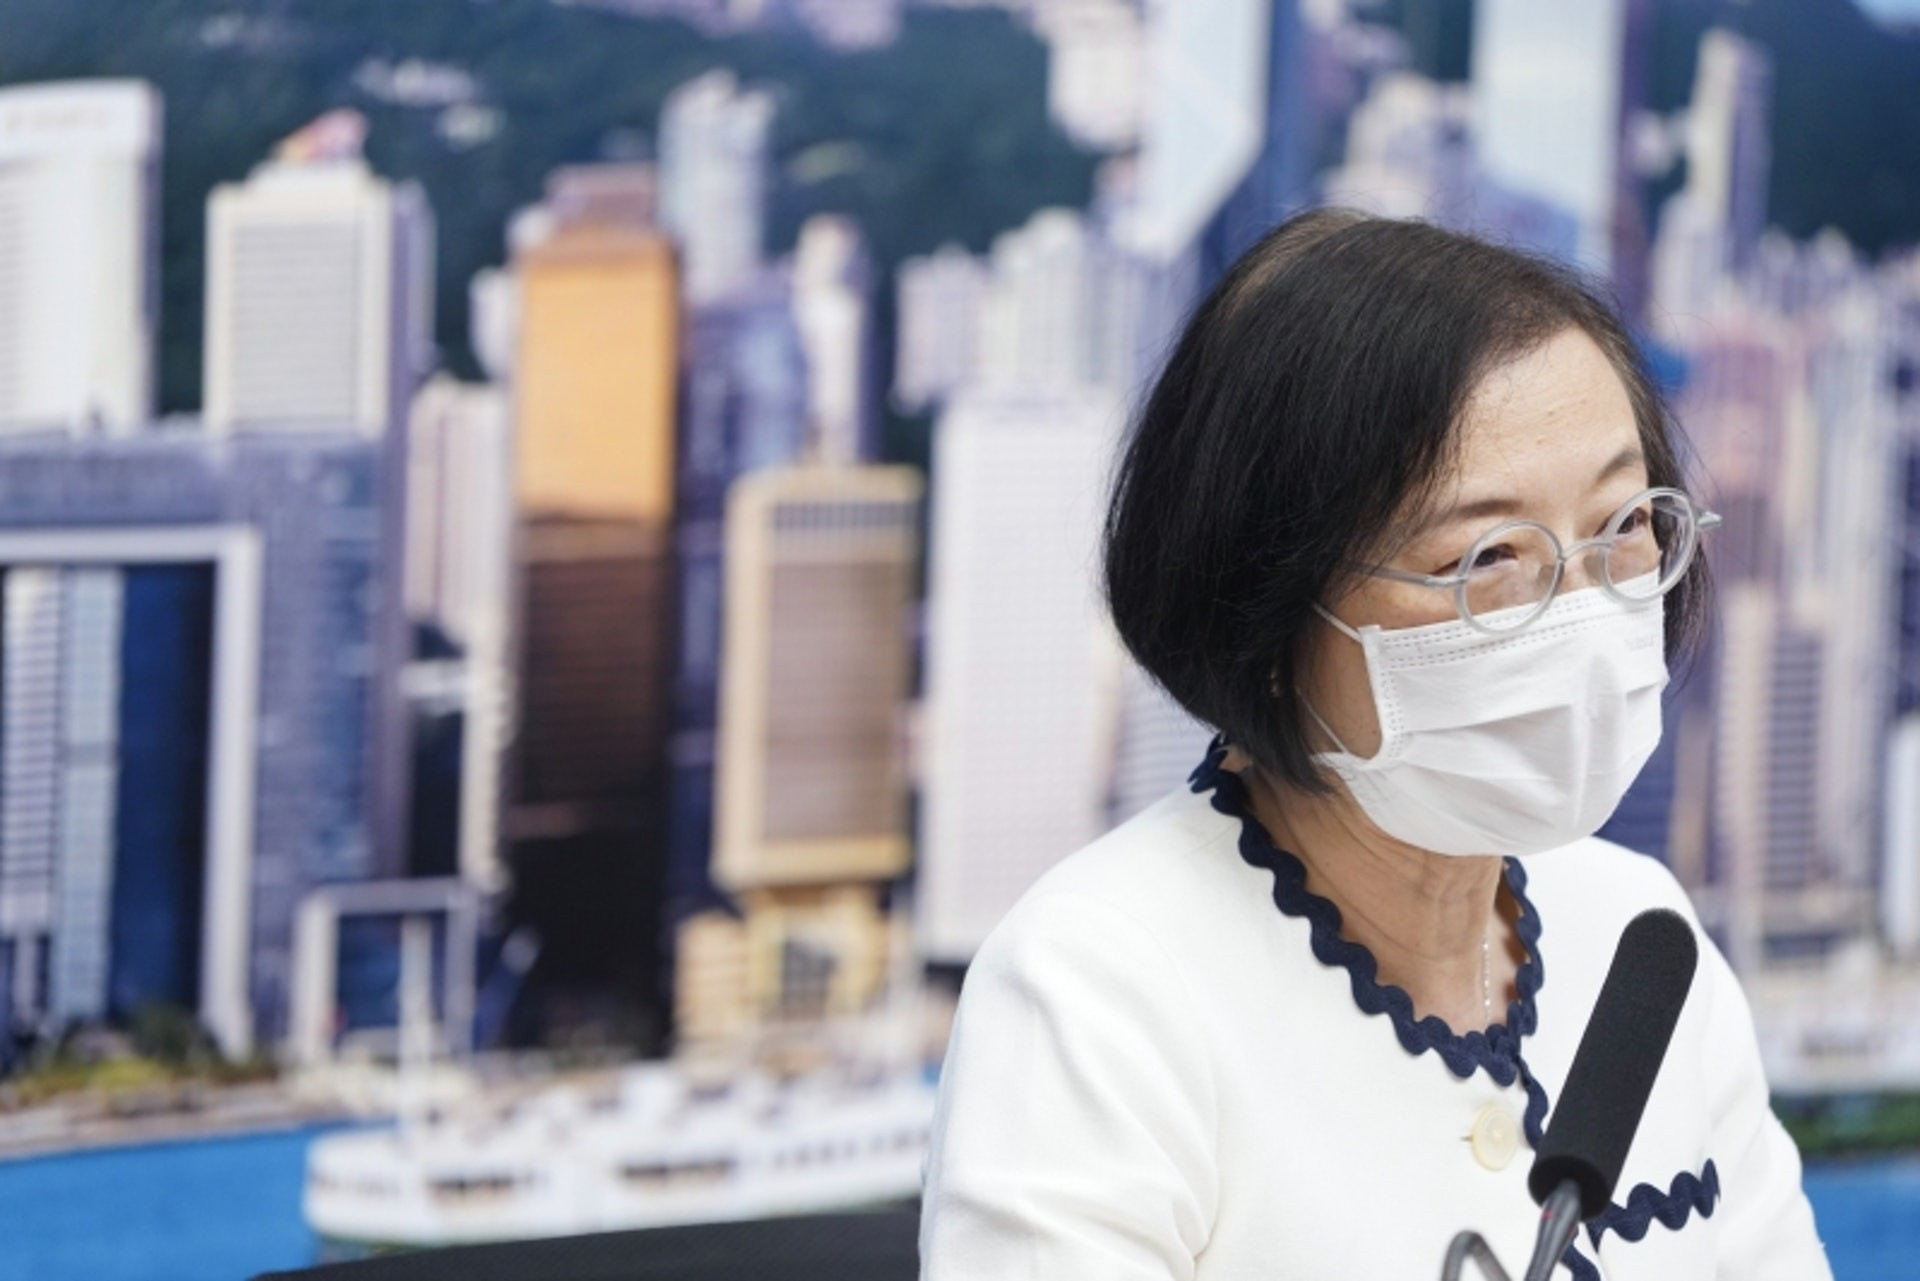 新冠肺炎 水泉澳邨明泉樓多人確診有喉管破損居民自行撤離 香港01 社會新聞